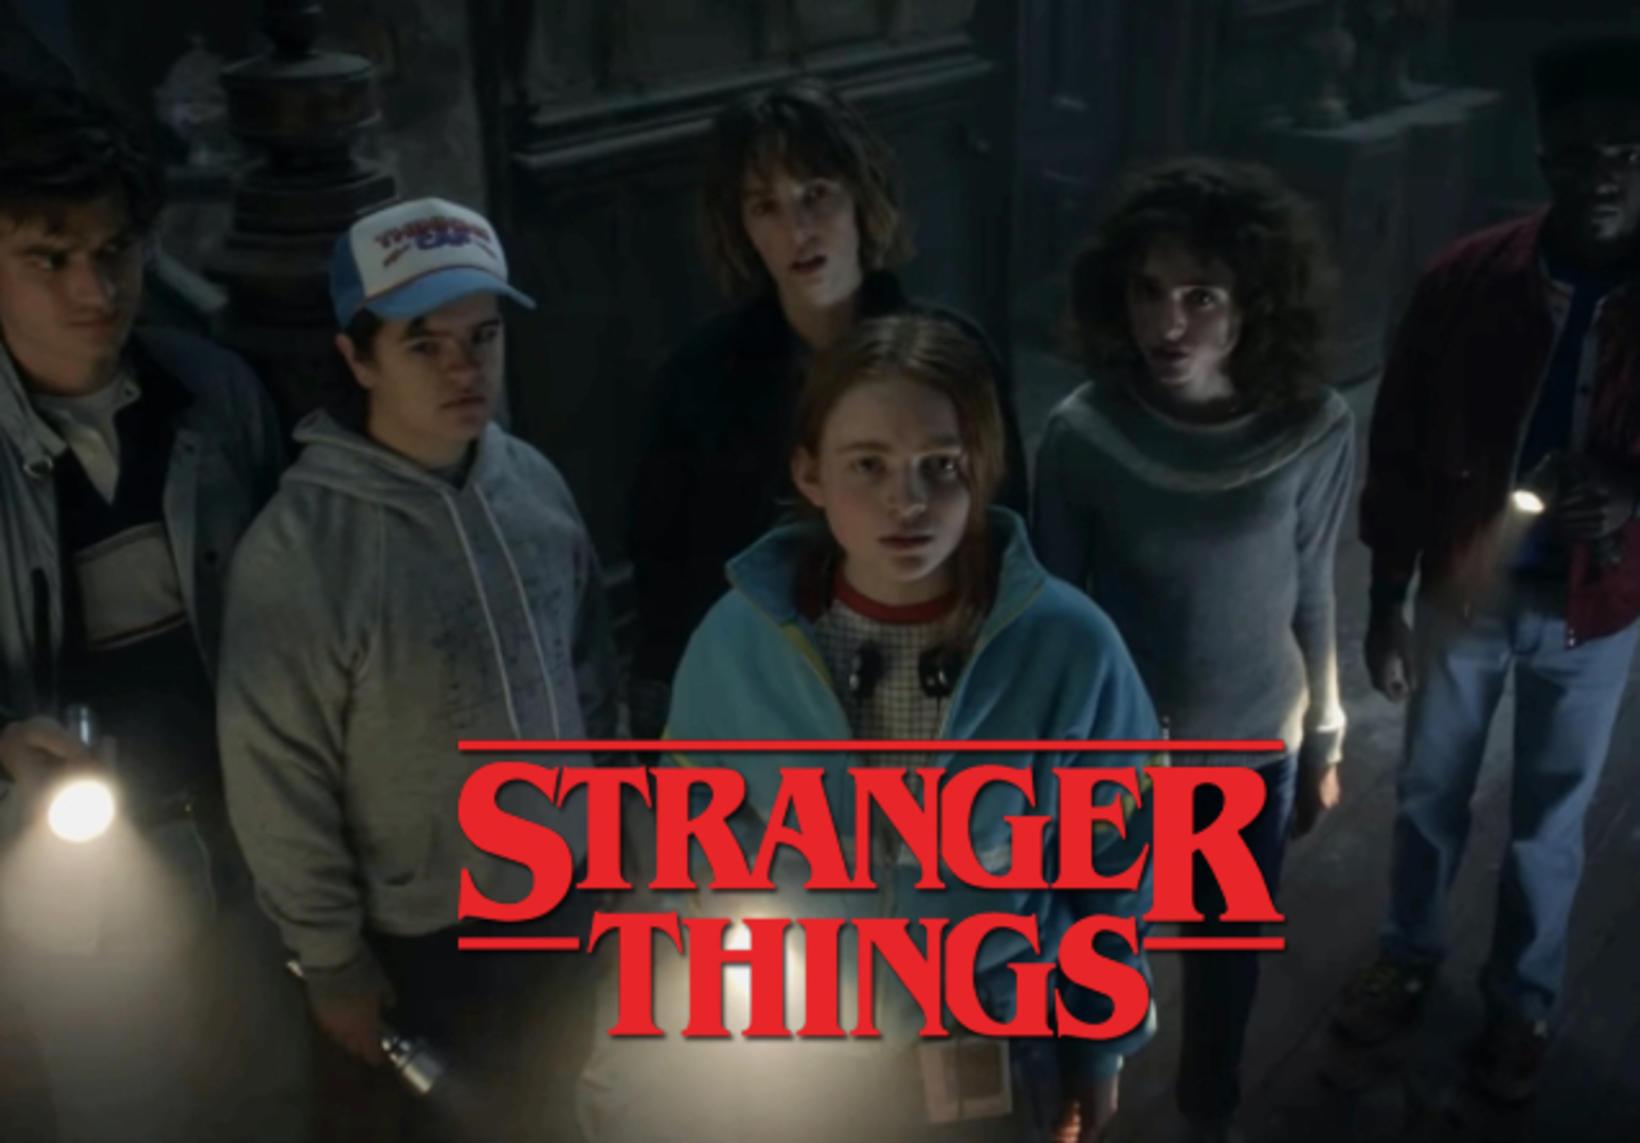 Glænýja stiklan fyrir Stranger Things seríu er virkilega hrollvekjandi en …